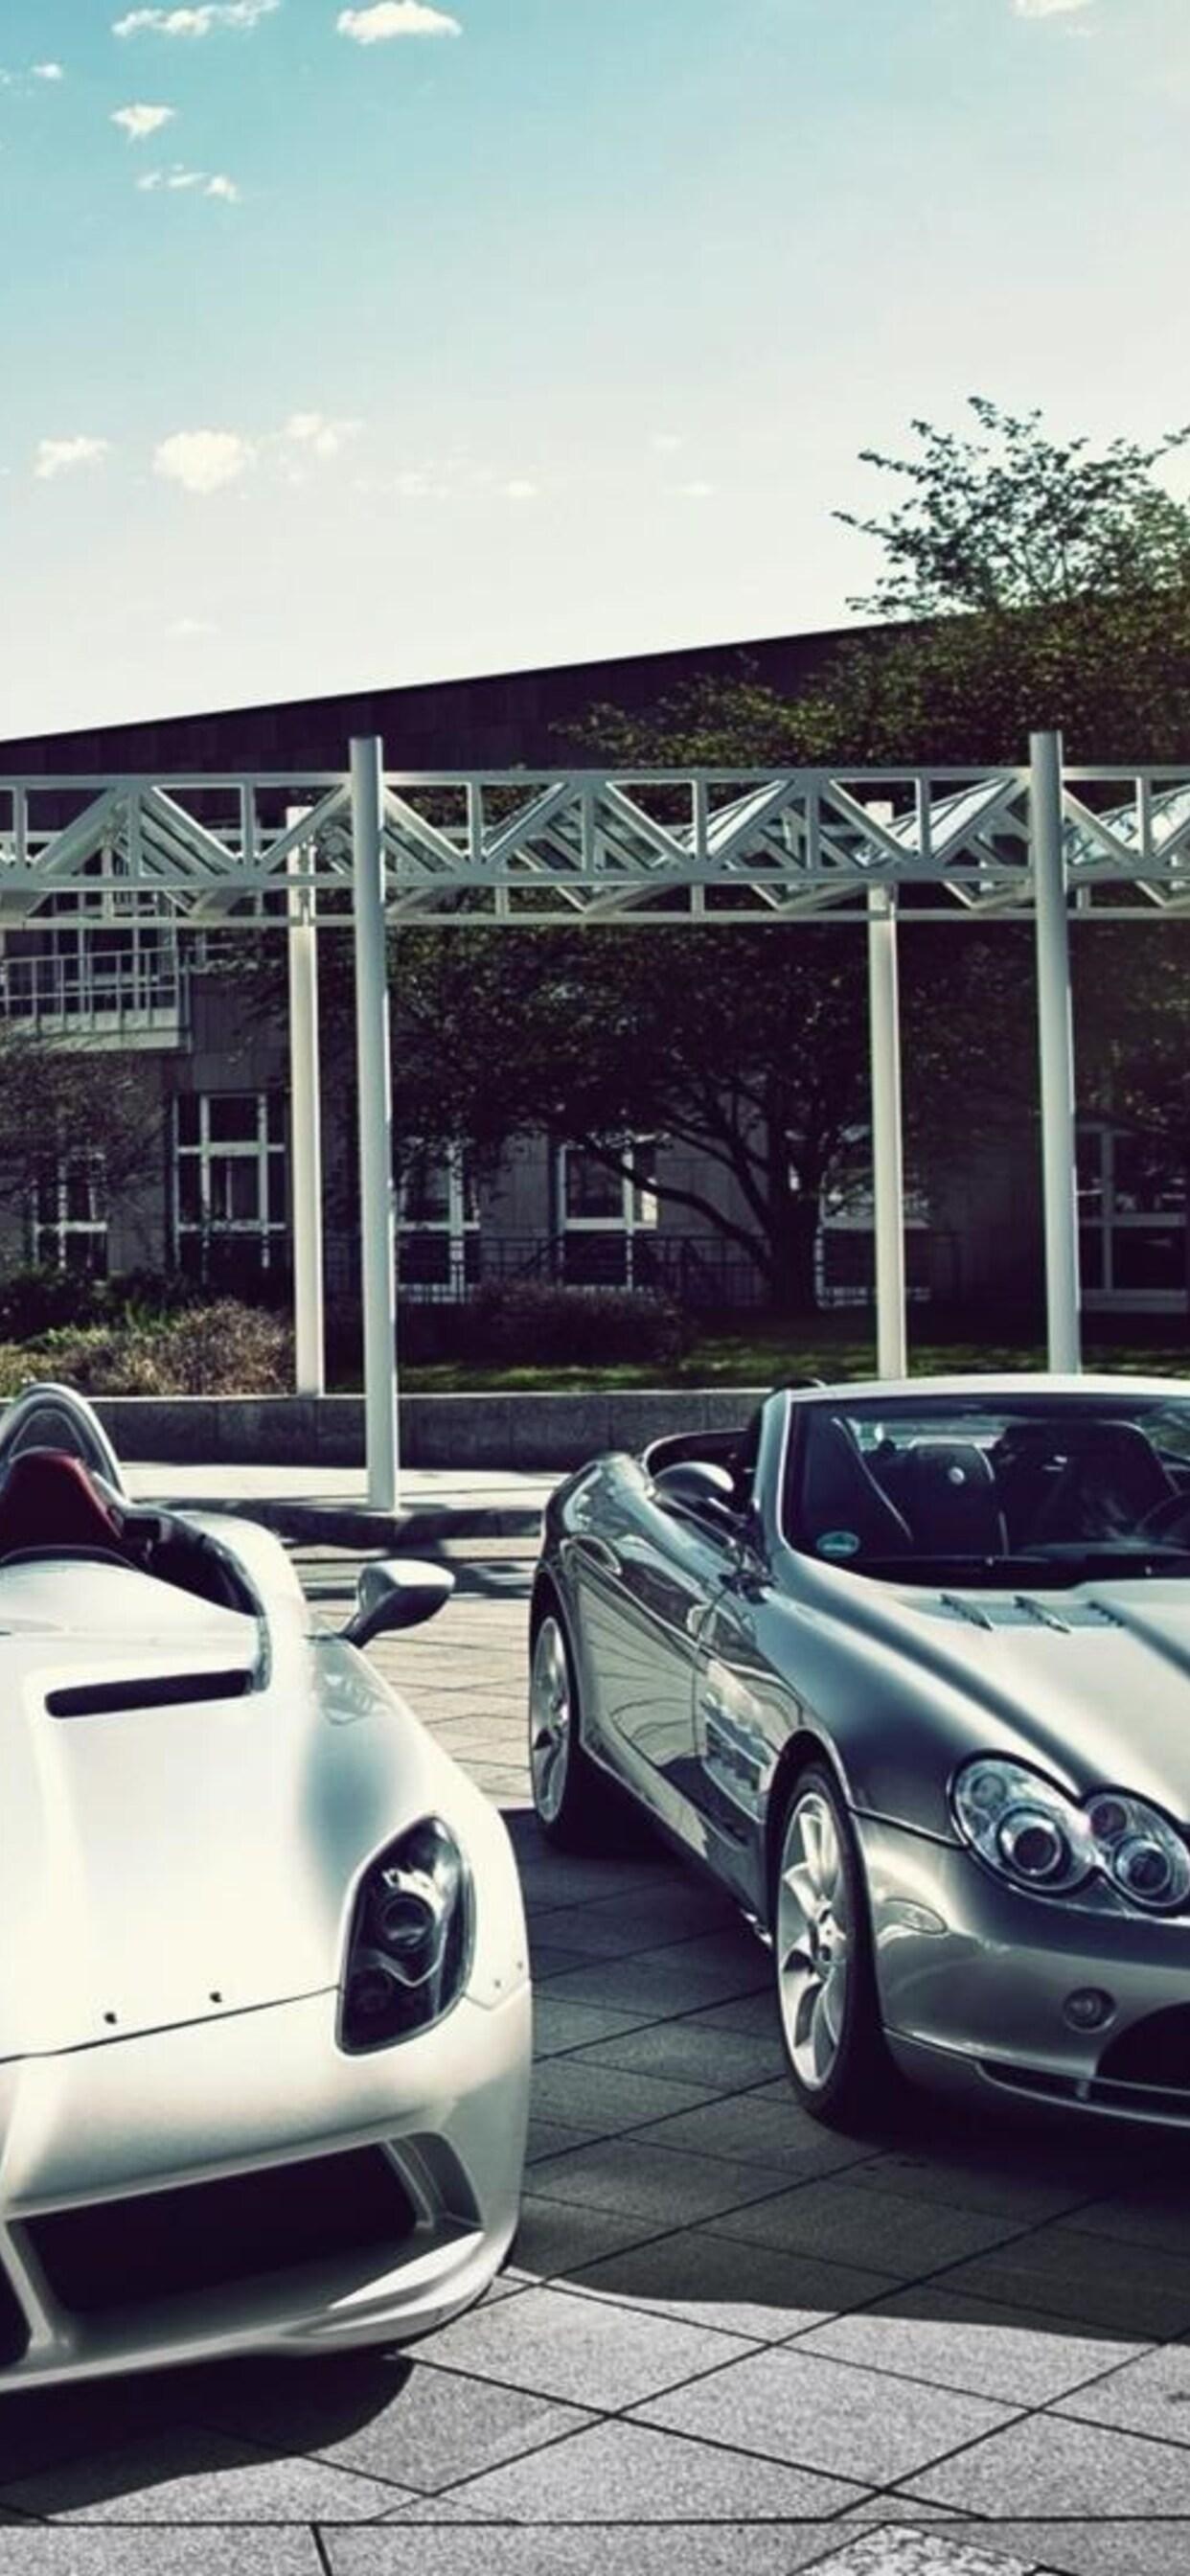 1242x2688 Mercedes Benz Super Cars Iphone Xs Max Hd 4k Wallpapers